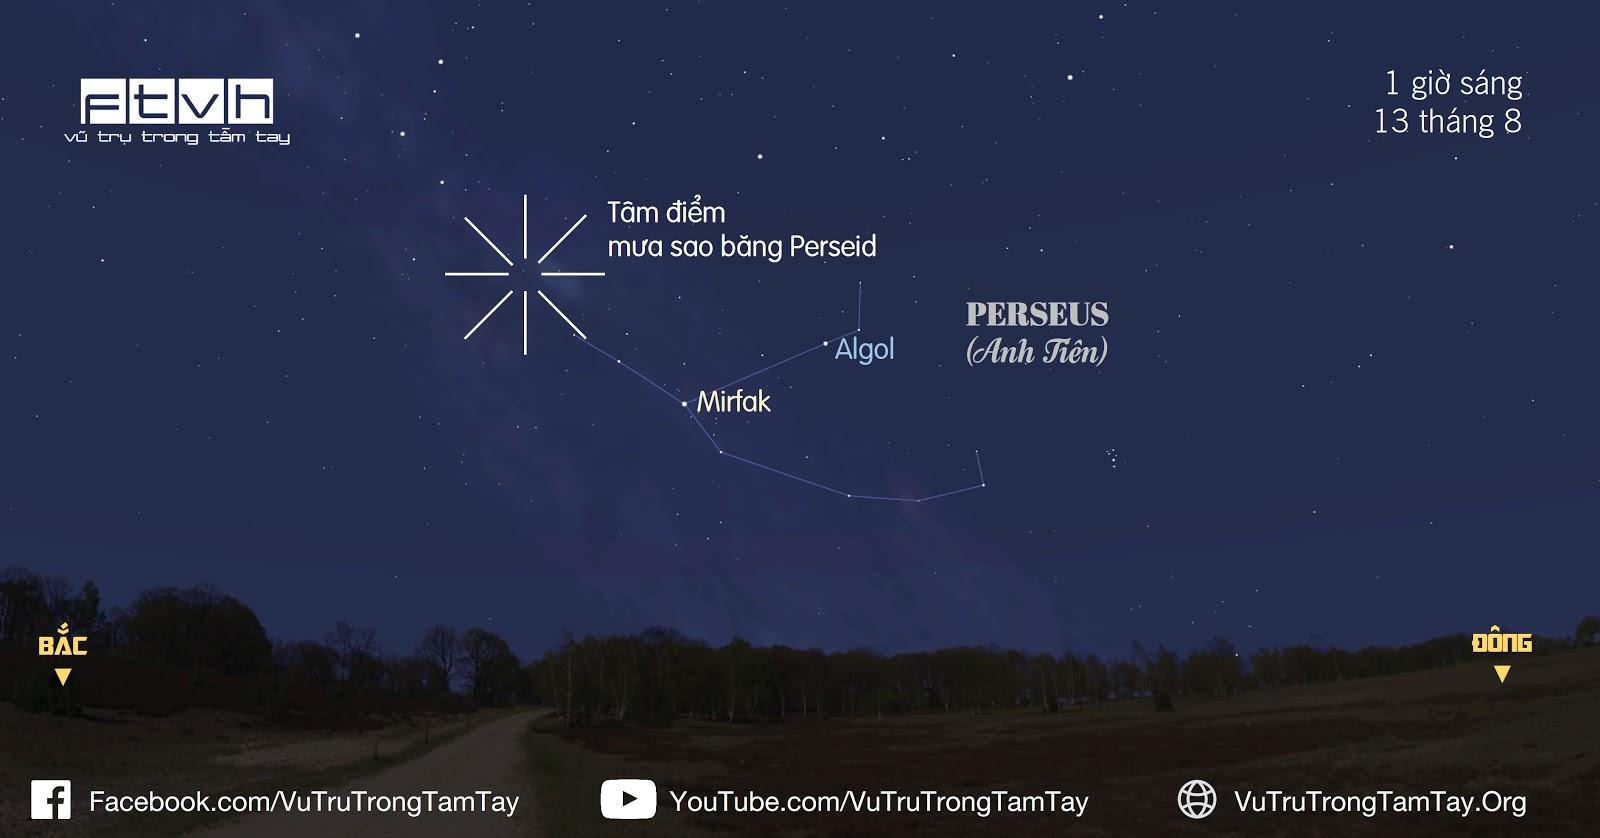 Bầu trời hướng đông lúc 1 giờ sáng ngày 13 tháng 8. Tâm điểm mưa sao băng Perseid đã xuất hiện khá cao trên bầu trời, thuận lợi cho việc quan sát sao băng của bạn. Bạn hãy bắt đầu quan sát mưa sao băng Perseid từ 12 giờ đêm ngày 13/8.